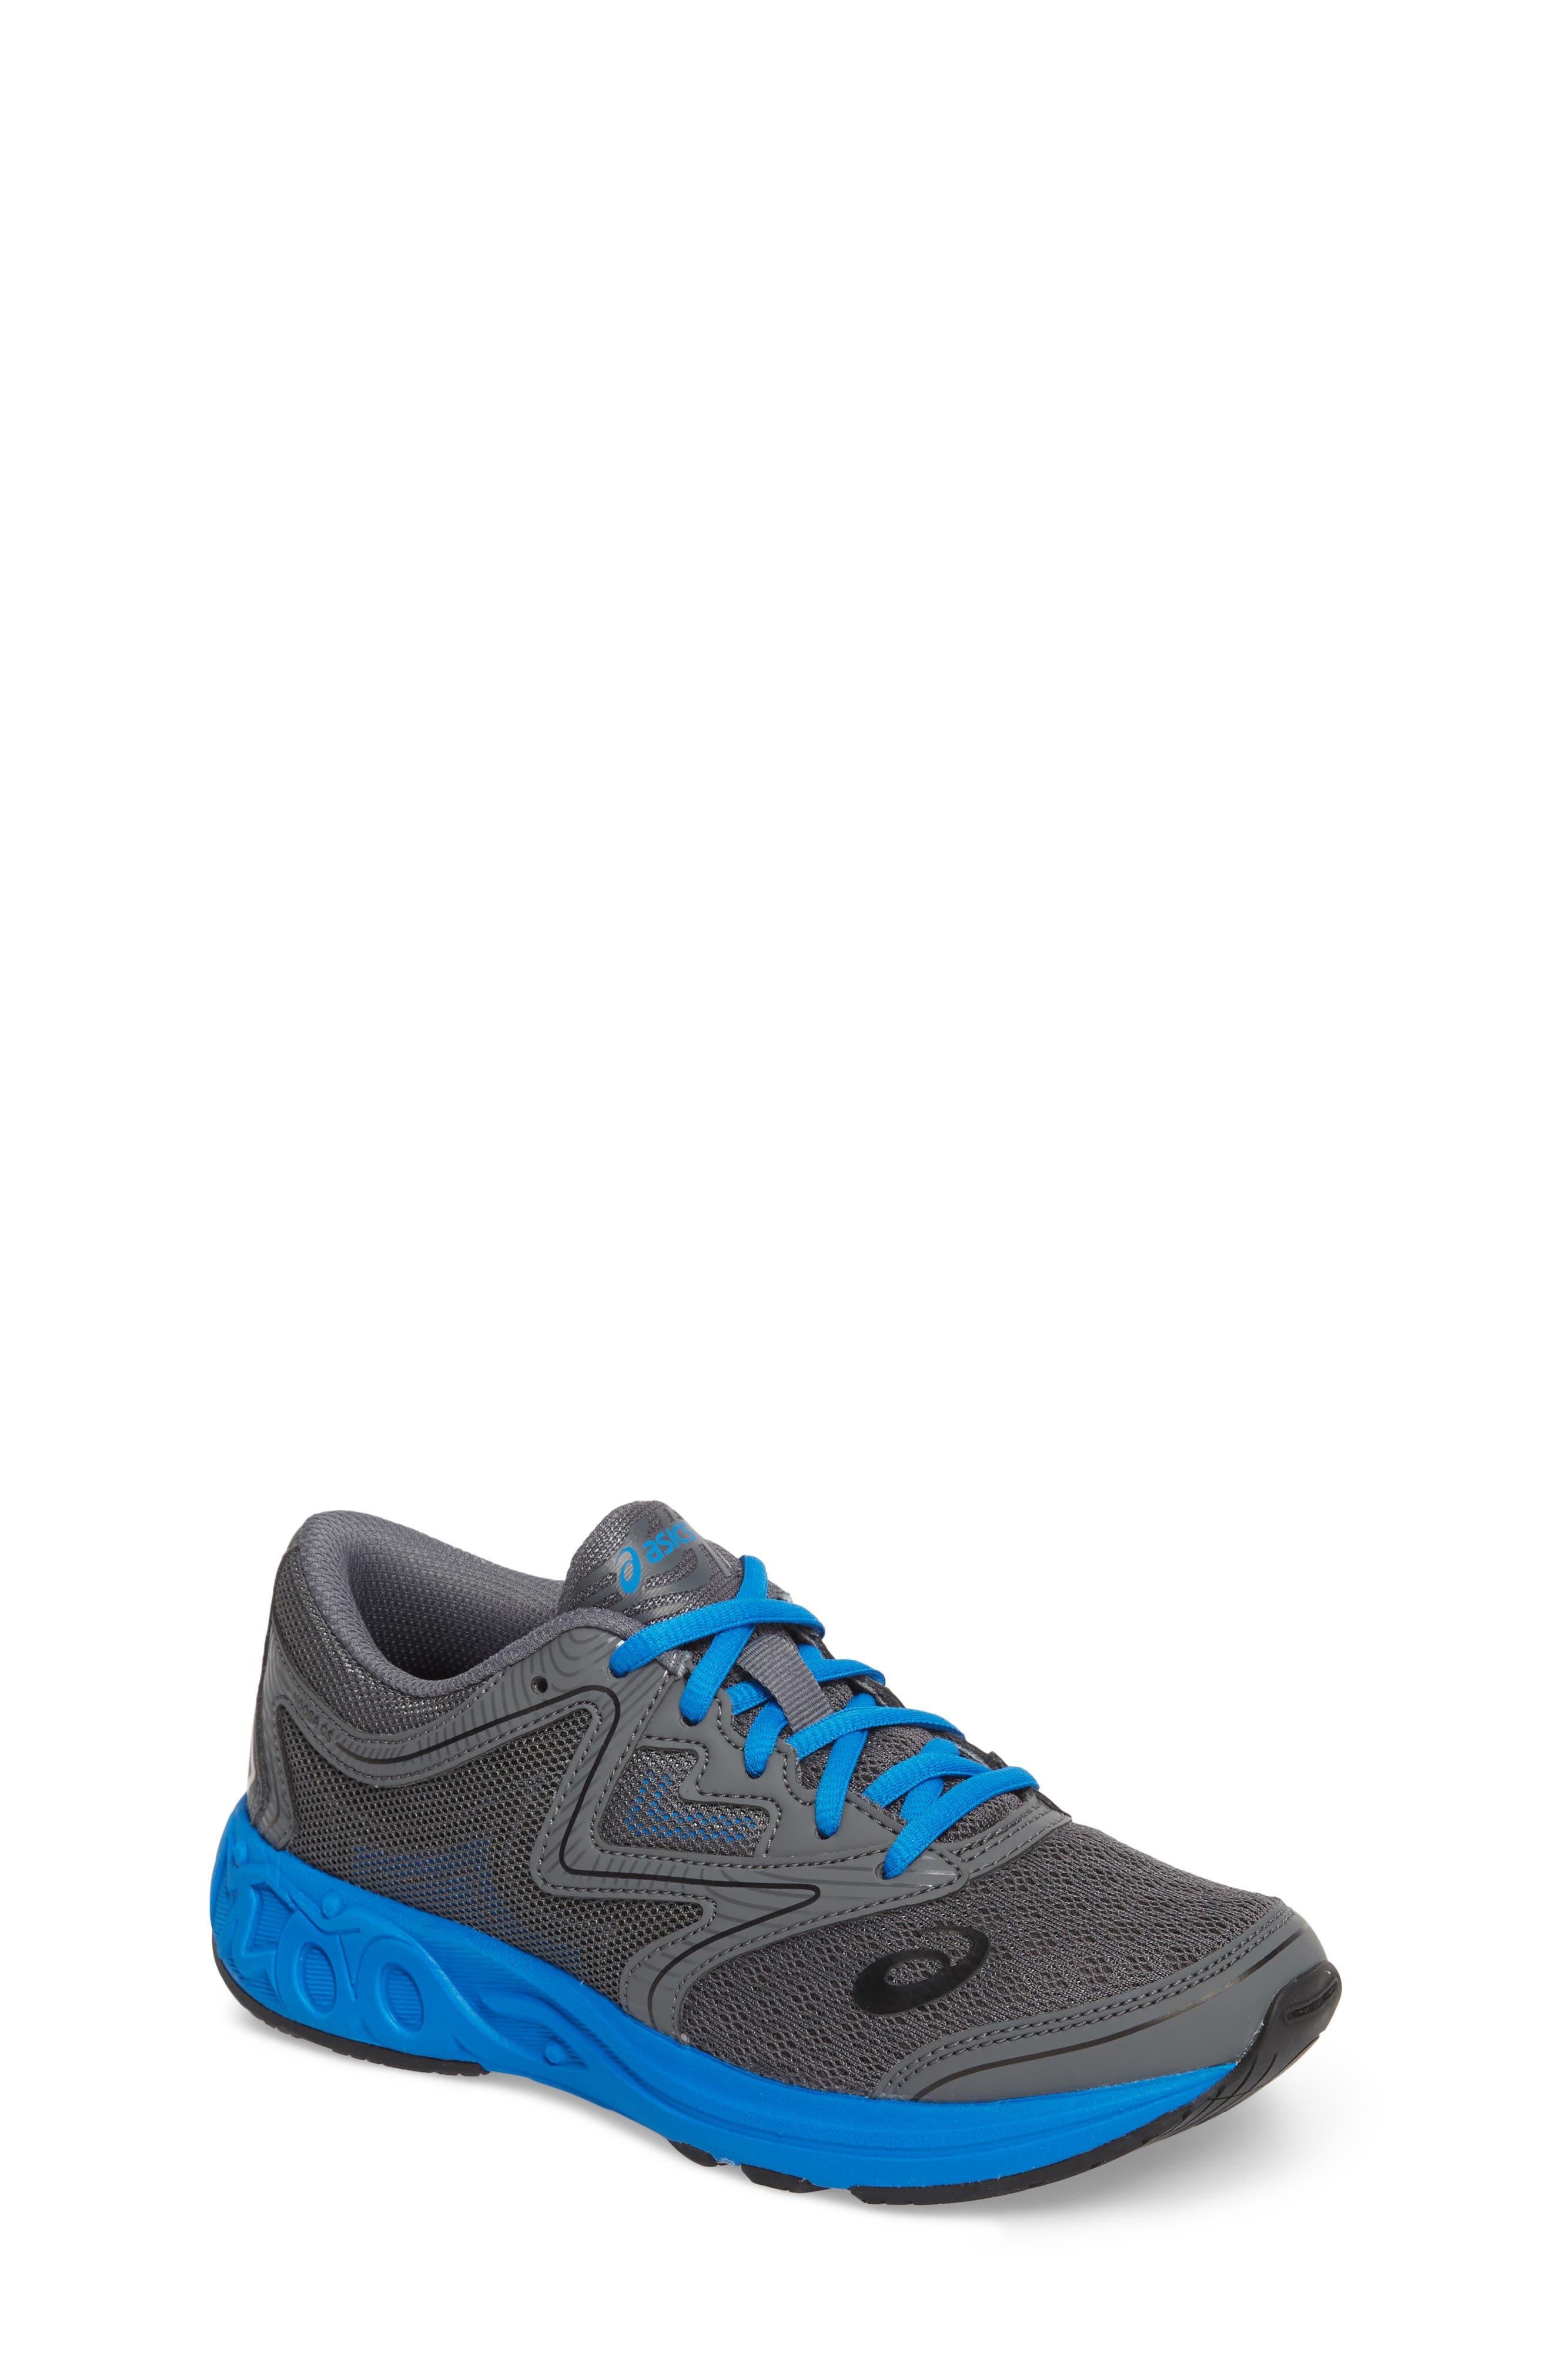 Noosa GS Sneaker,                             Main thumbnail 1, color,                             CARBON/ DIRECTOIRE BLUE/ BLACK